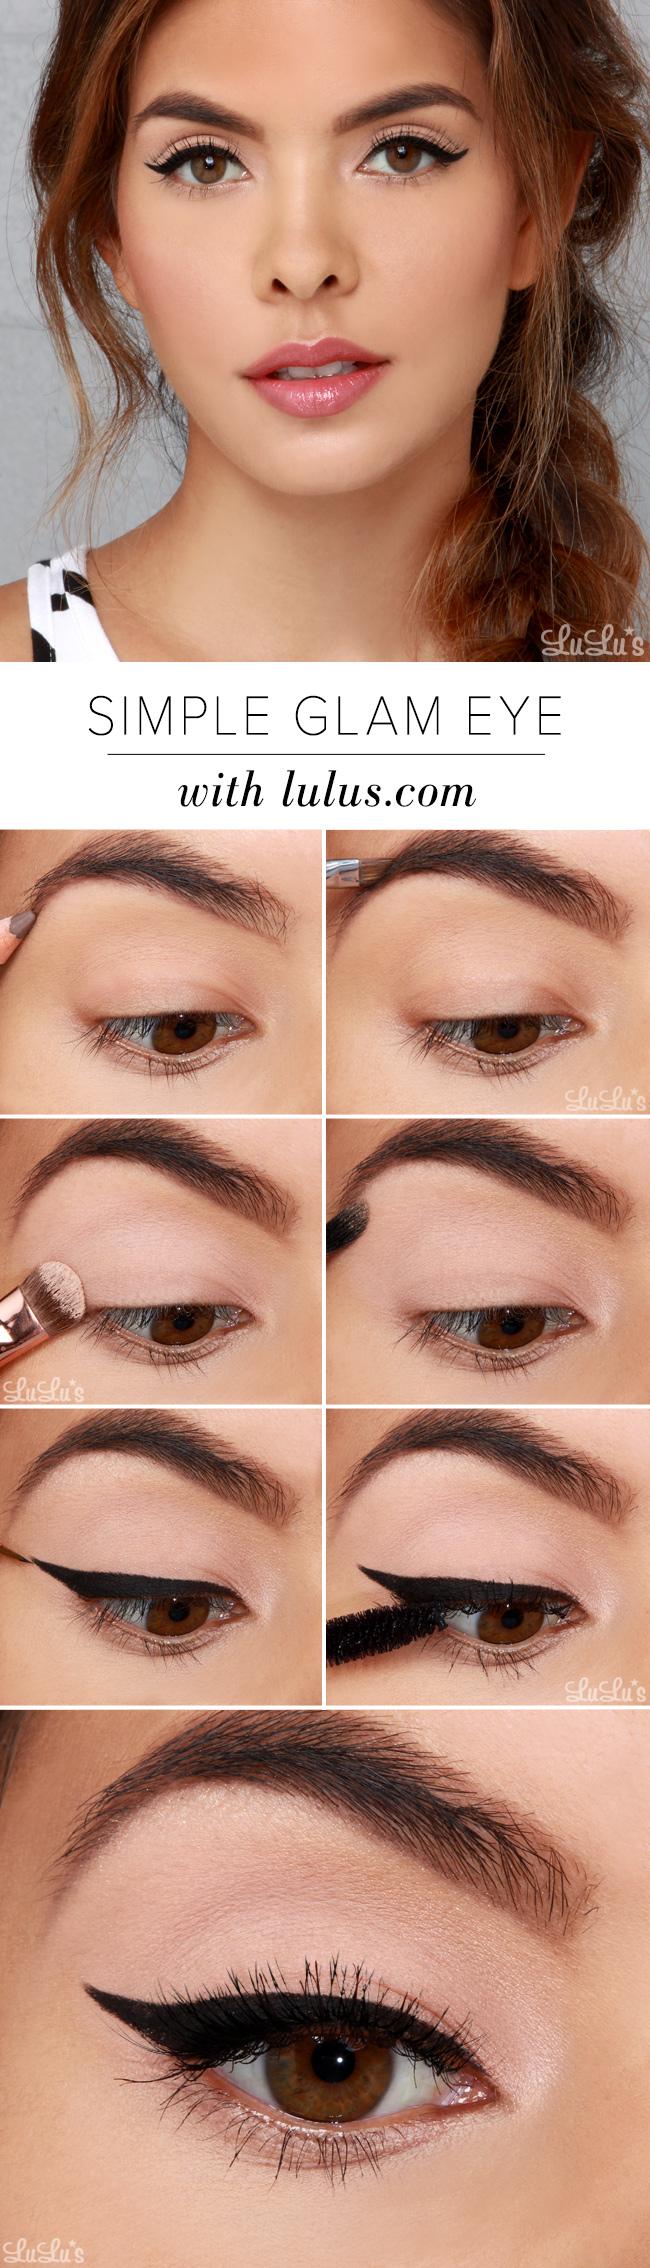 Simple Glam Eye Makeup Tutorial